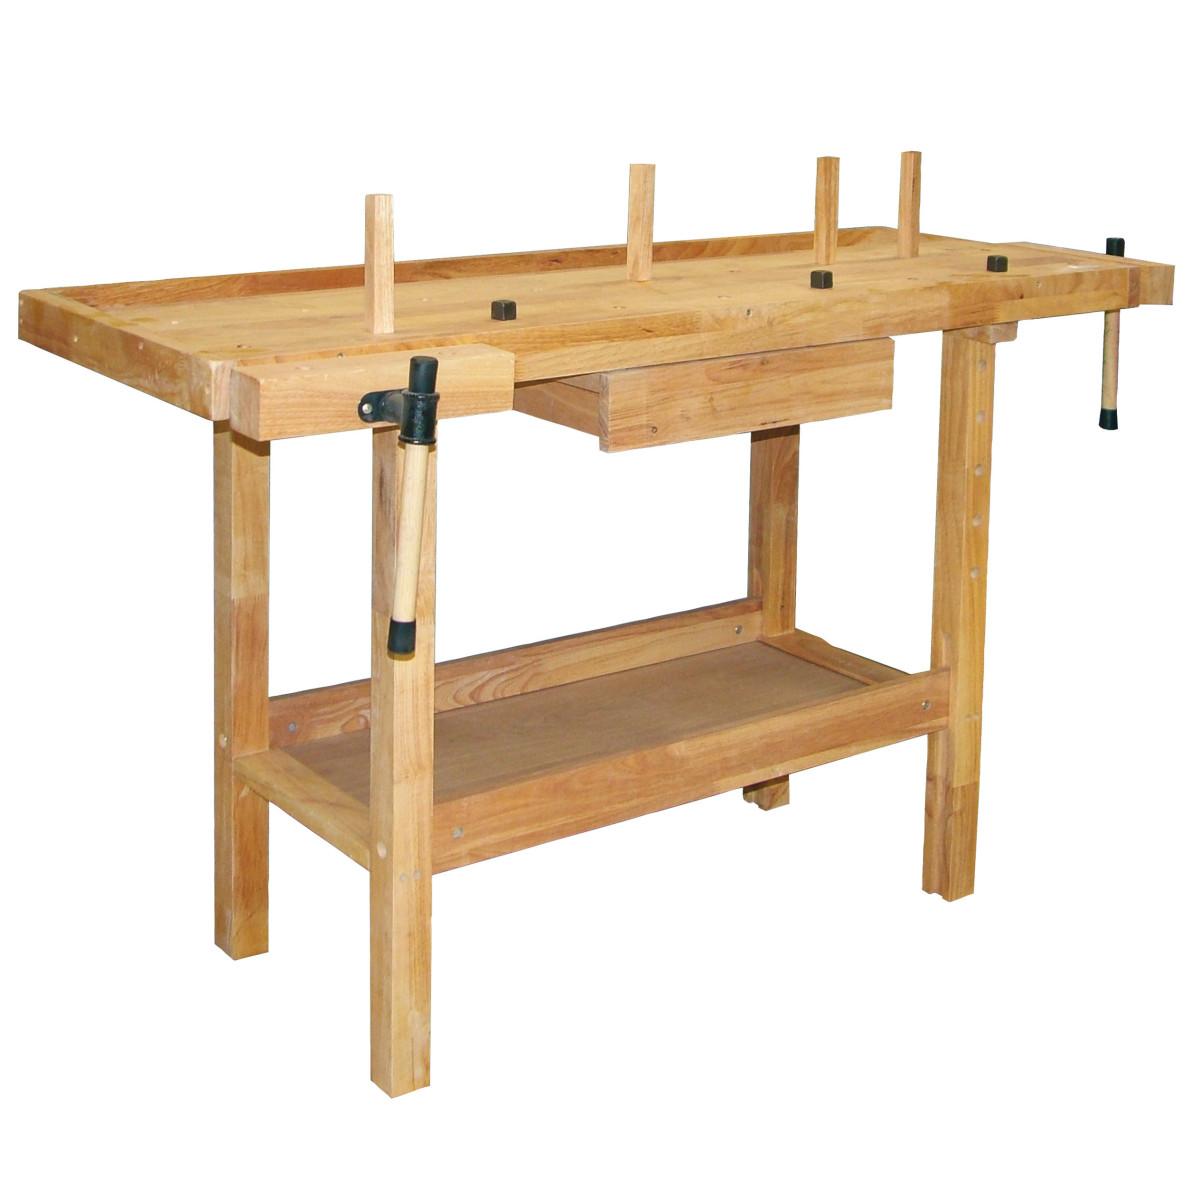 Morsa banco da lavoro for Gambe tavolo legno leroy merlin